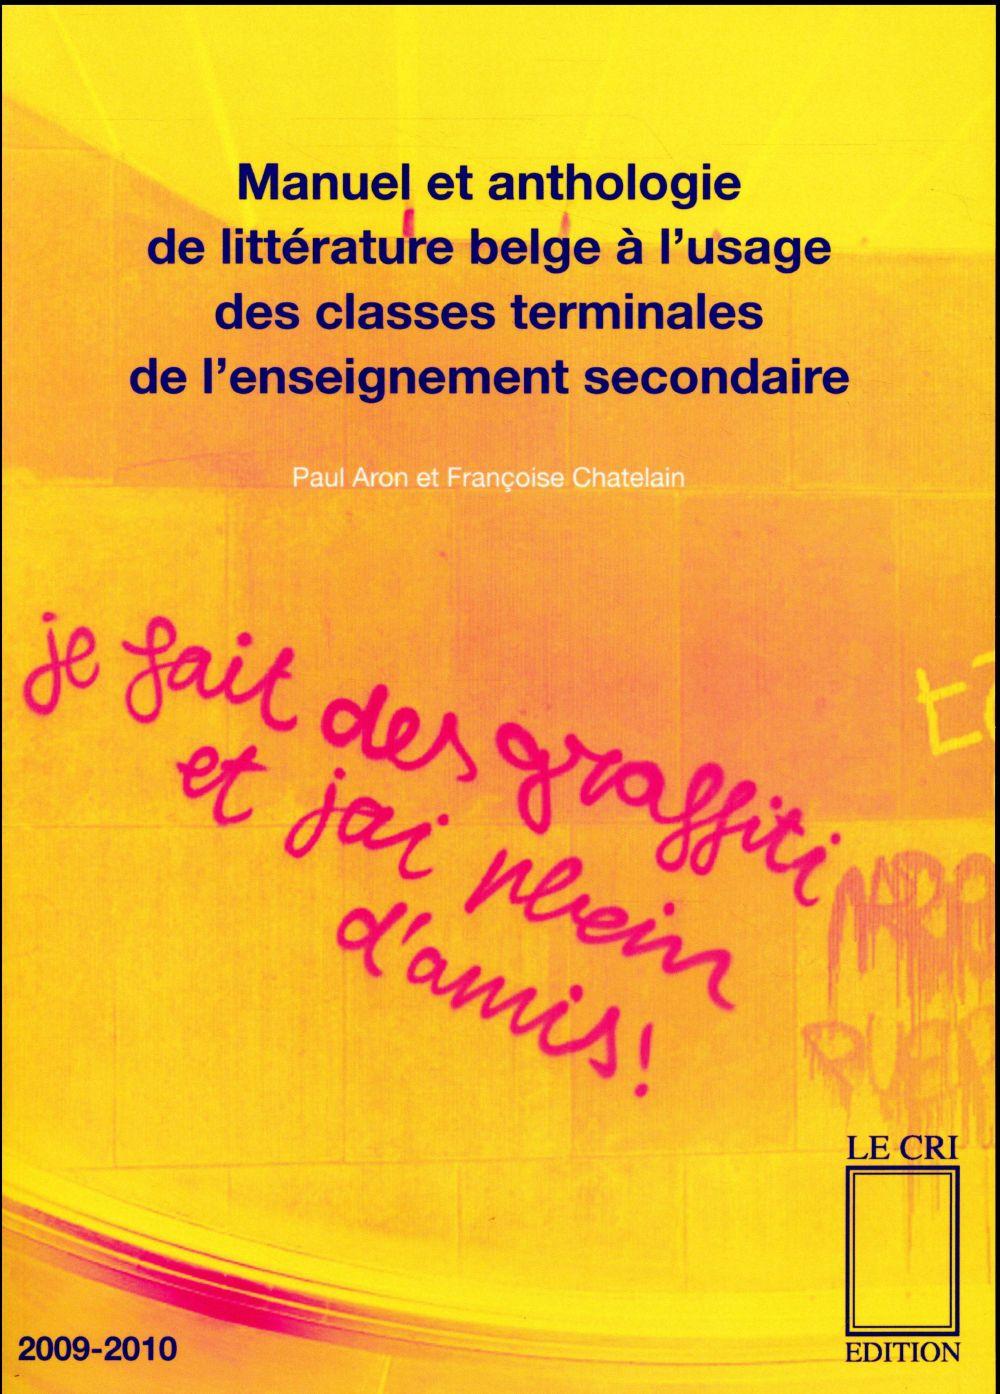 Manuel Et Anthologie De Litterature Belge A L Usage Des Classes Terminales De L Enseignement Secondaire